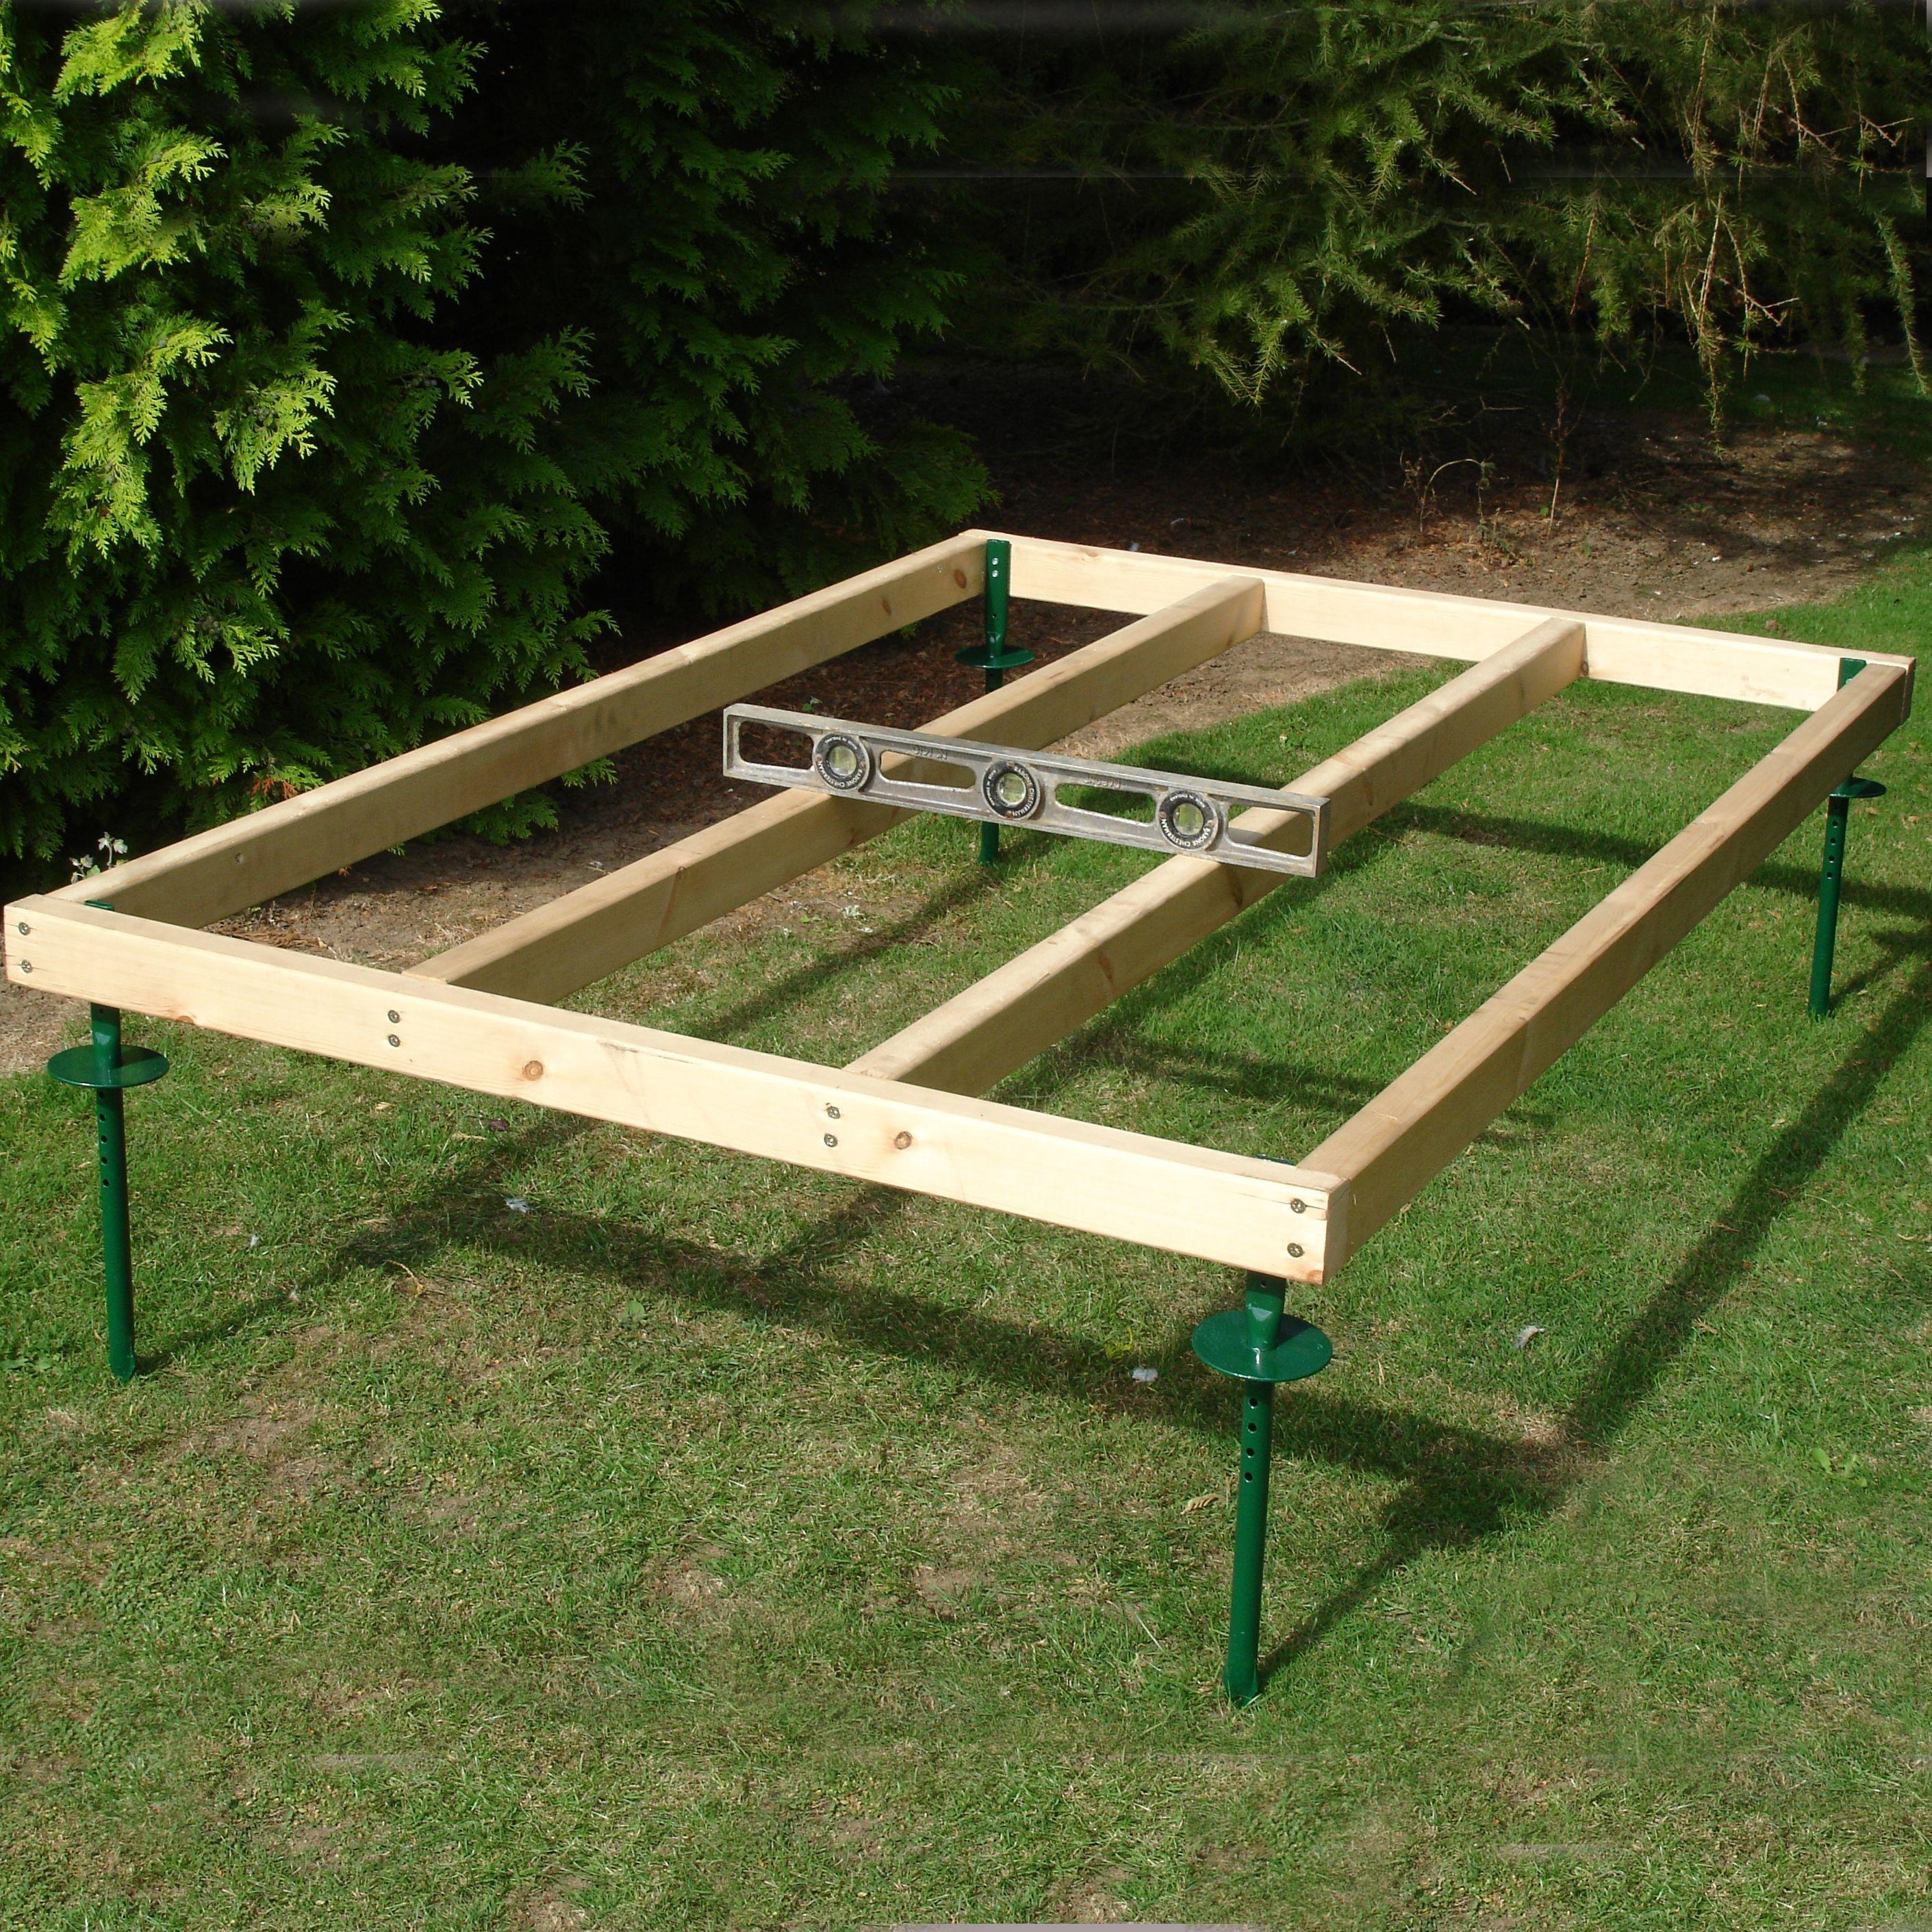 Image of Homewood Adjustable Wooden Shed Base - 4 x 6ft.